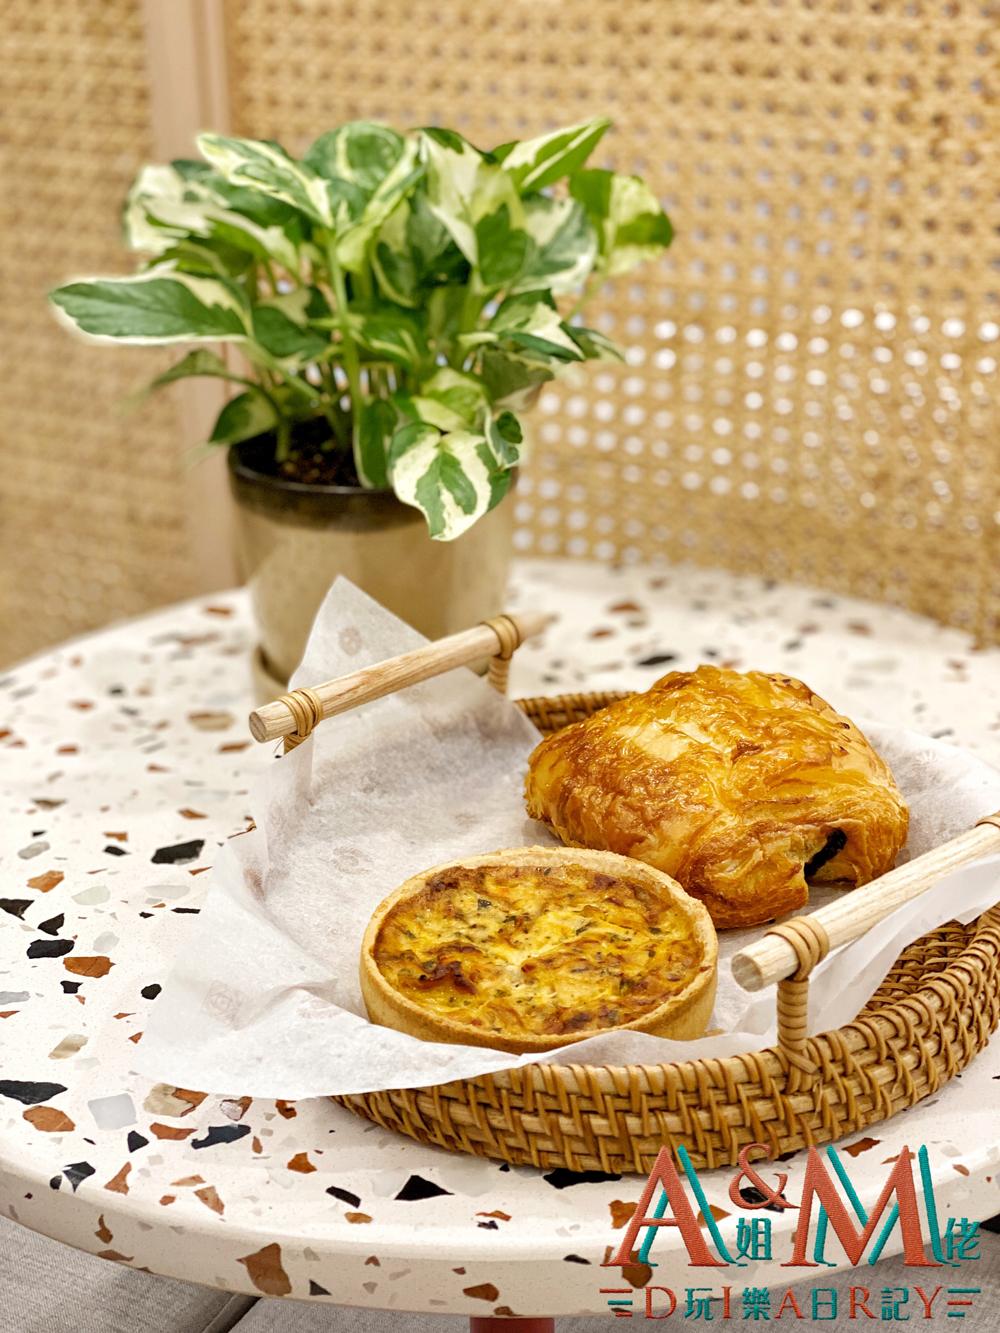 〈好食〉烘焙的味道 尖沙咀Rise by Classified